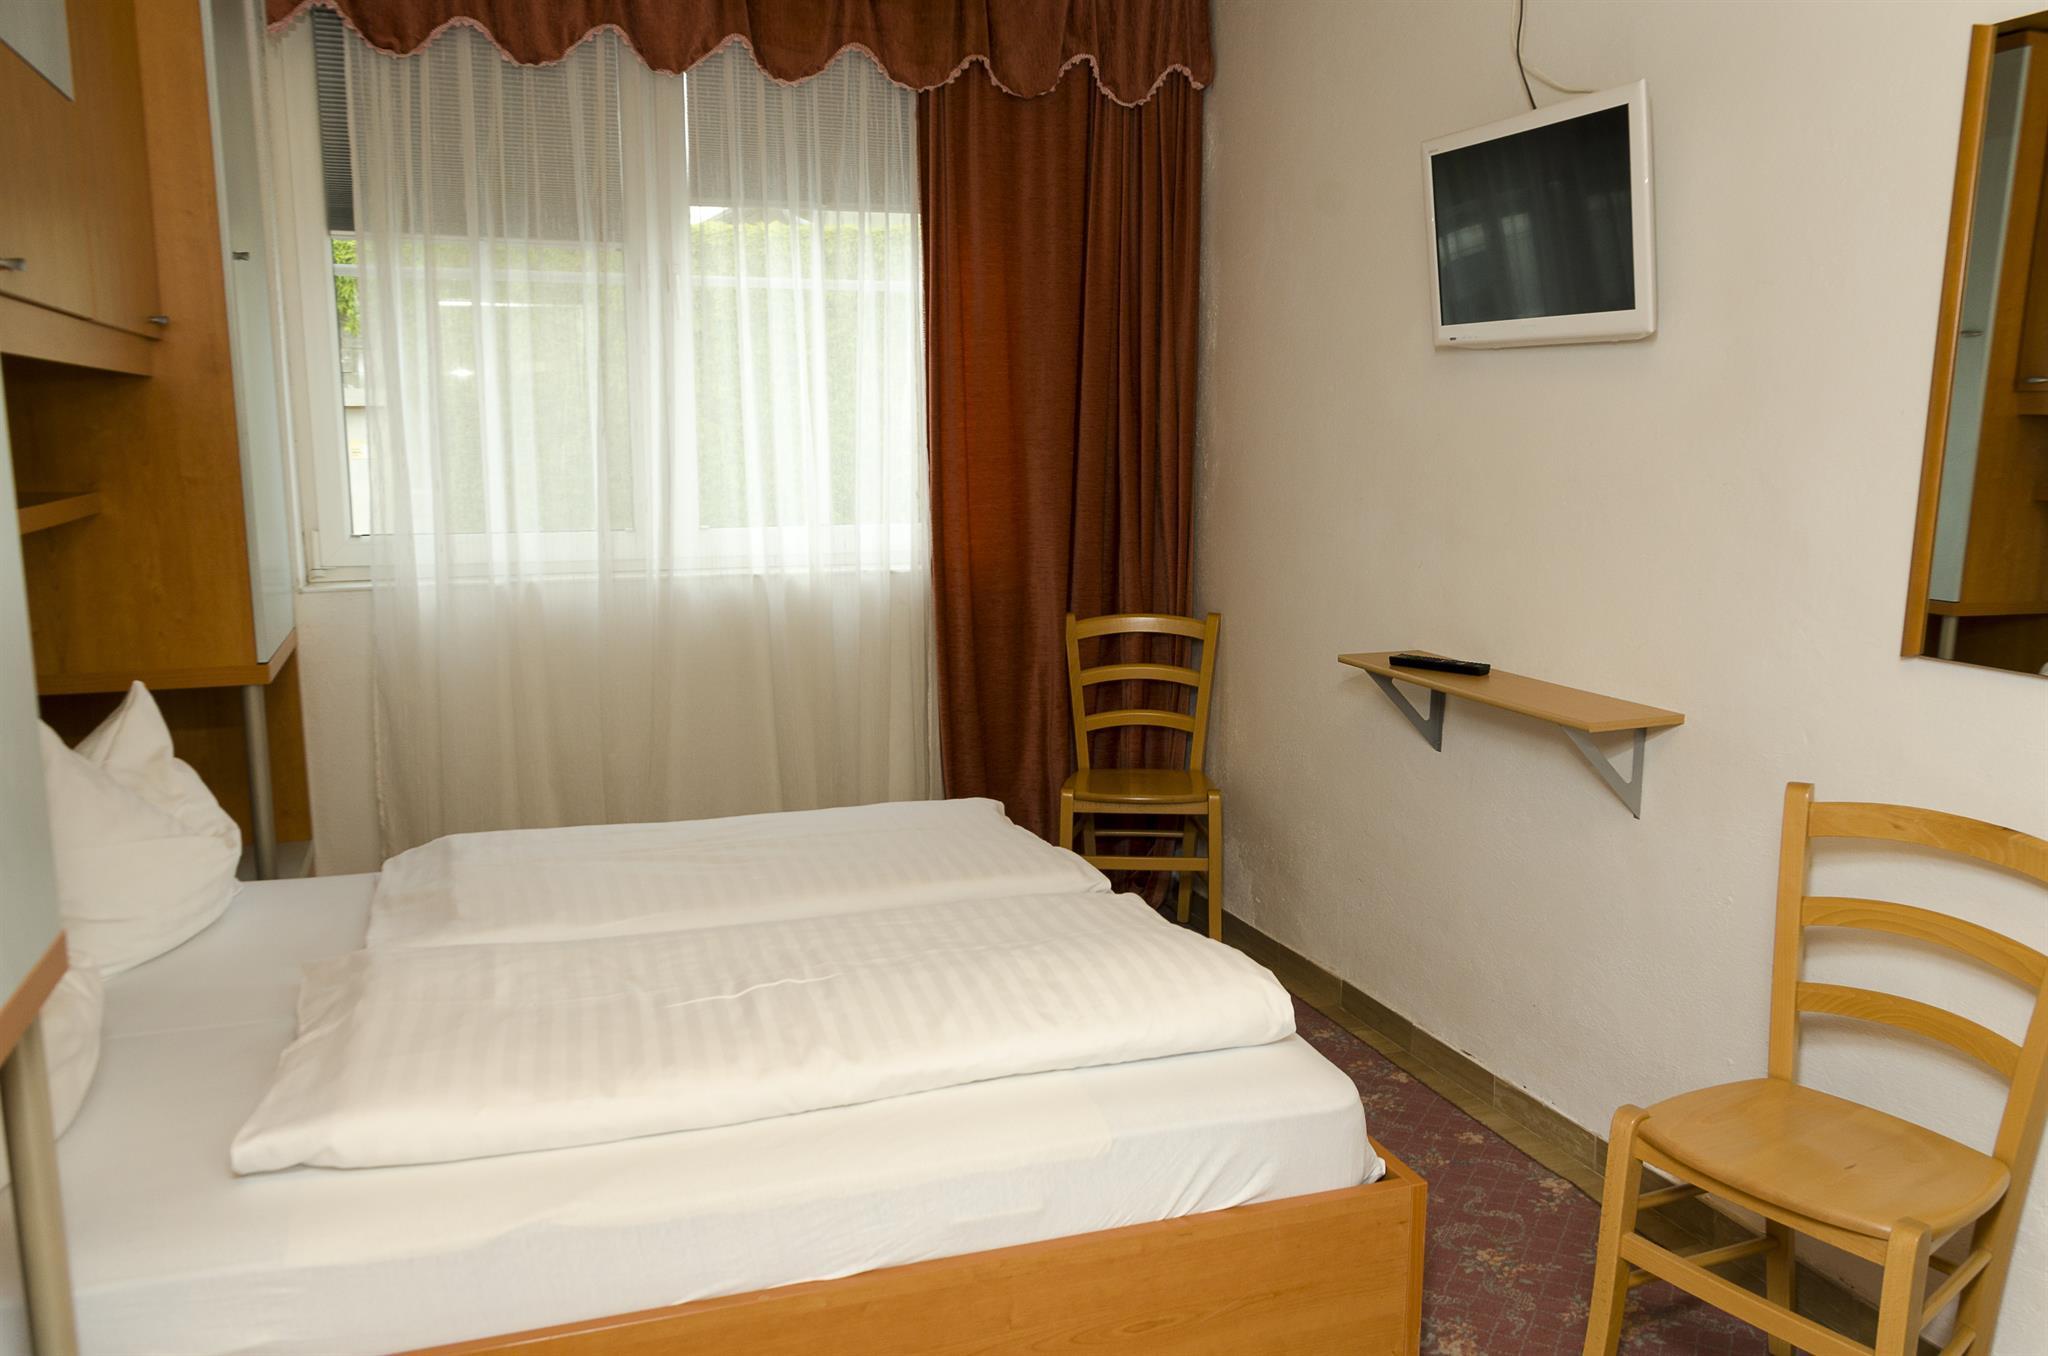 Ferienwohnung Rosenhof Appartementhaus Appartement 30 m² (2008892), Podersdorf am See, Neusiedler See, Burgenland, Österreich, Bild 12